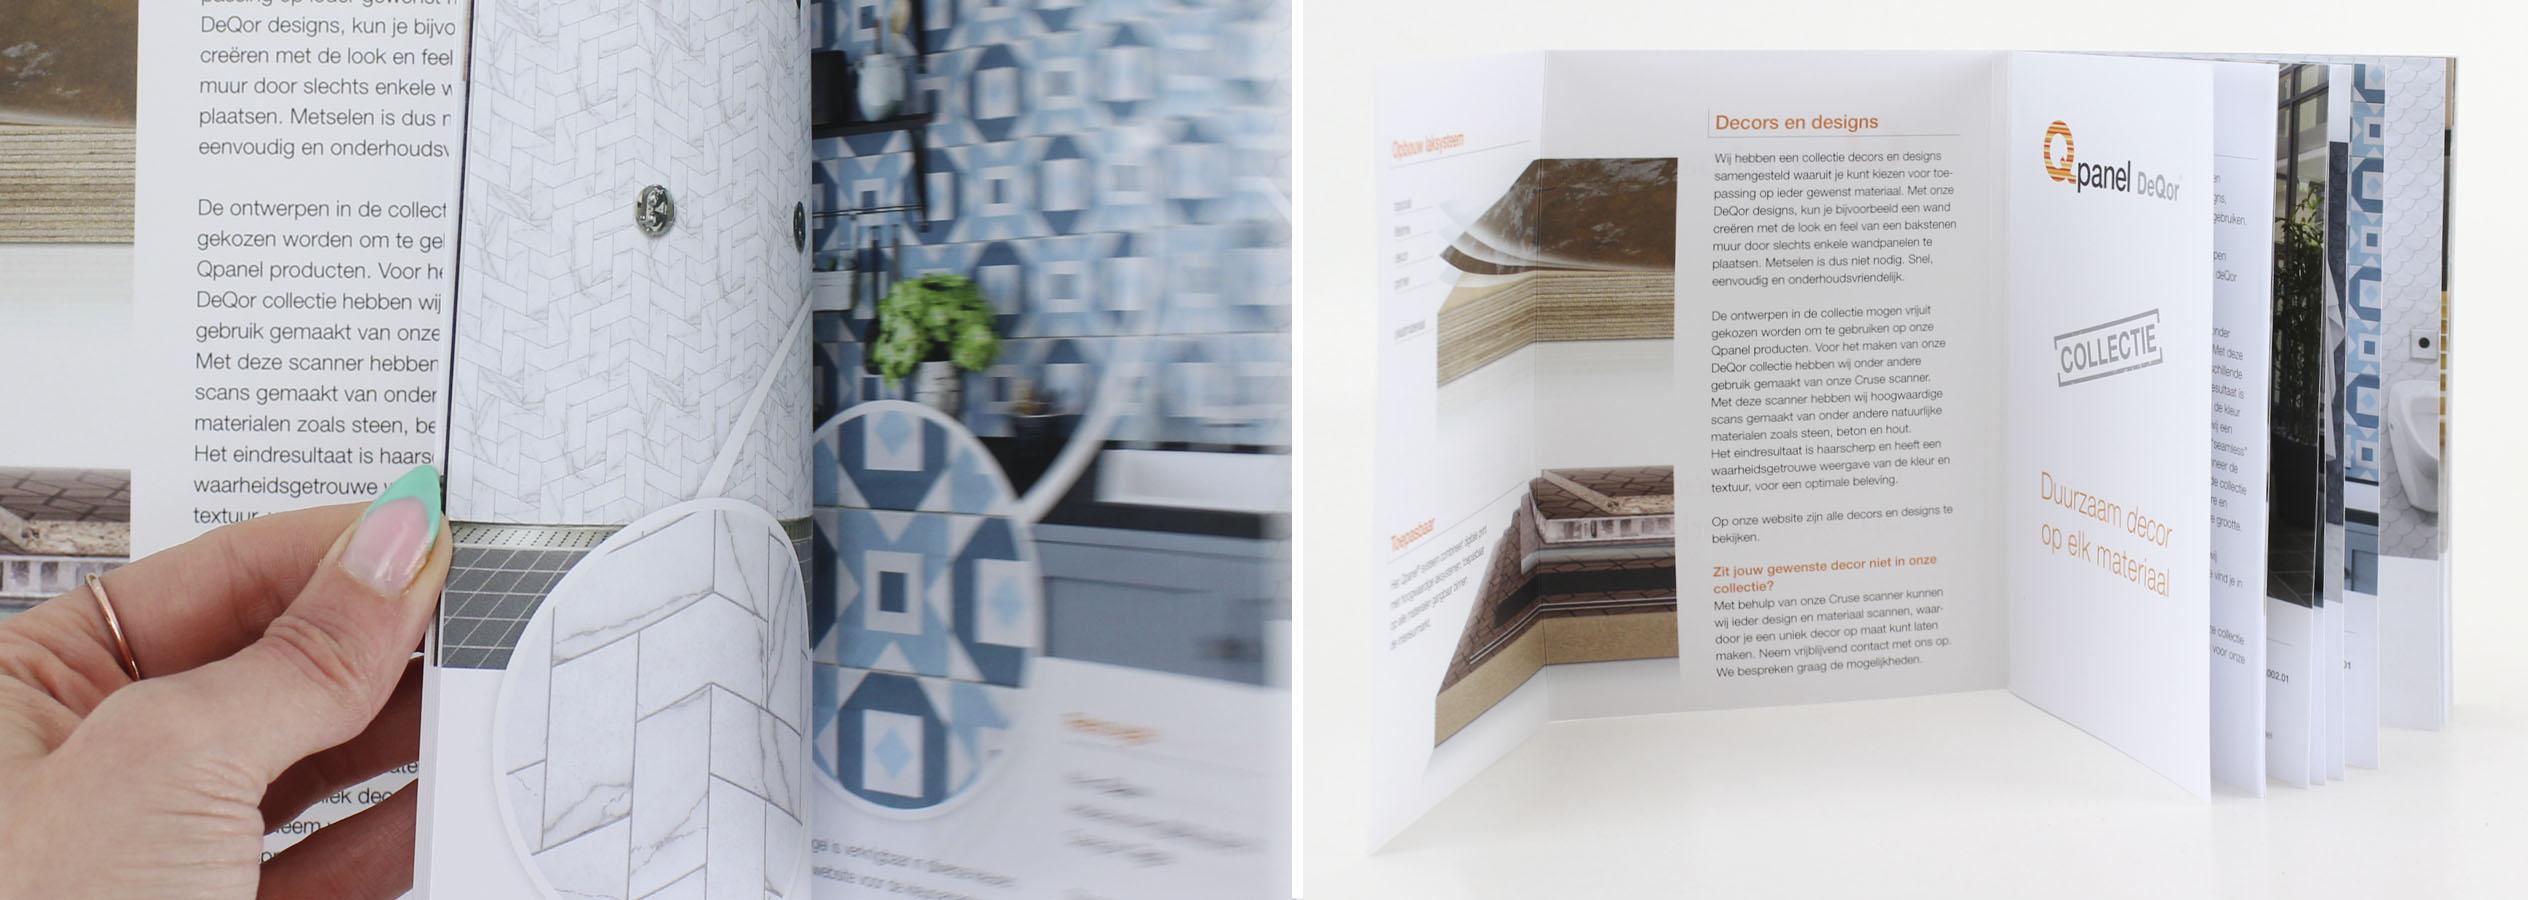 NIEUW! Een speciaal collectieboekje van onze beschikbare decors.